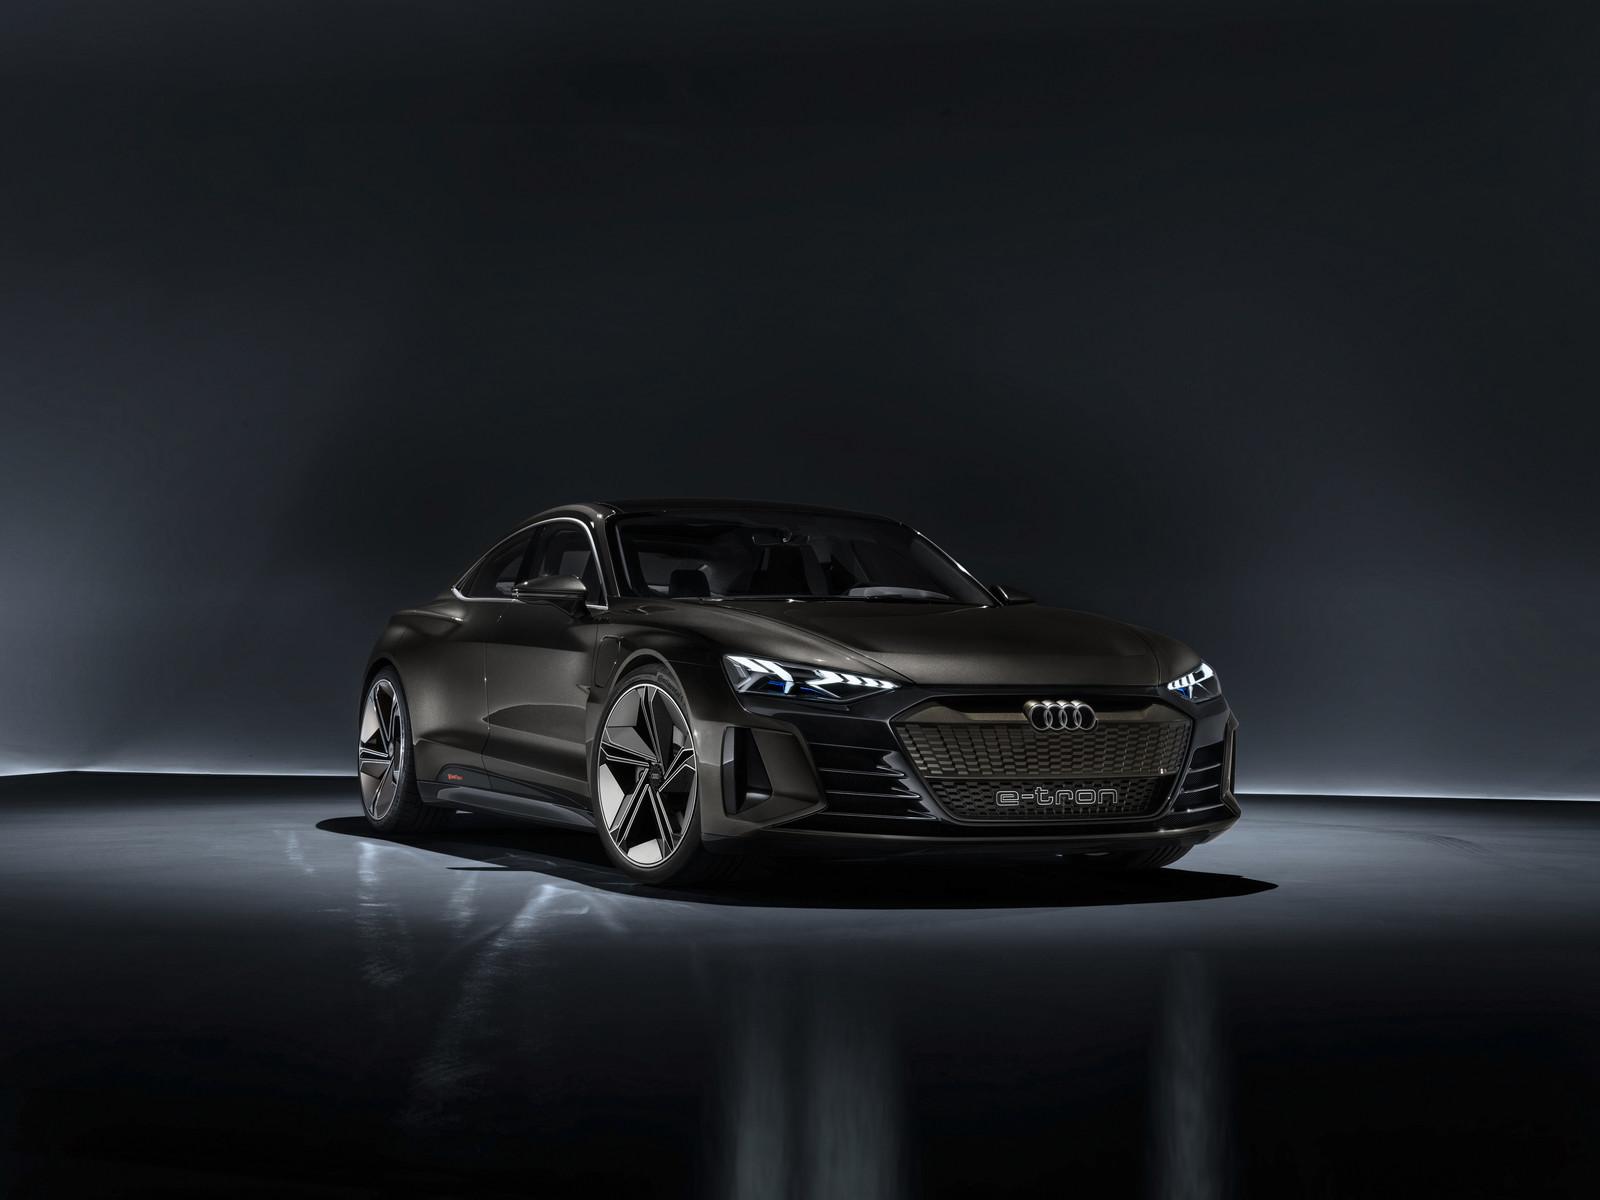 Foto de Audi e-tron GT concept 2018 (31/55)